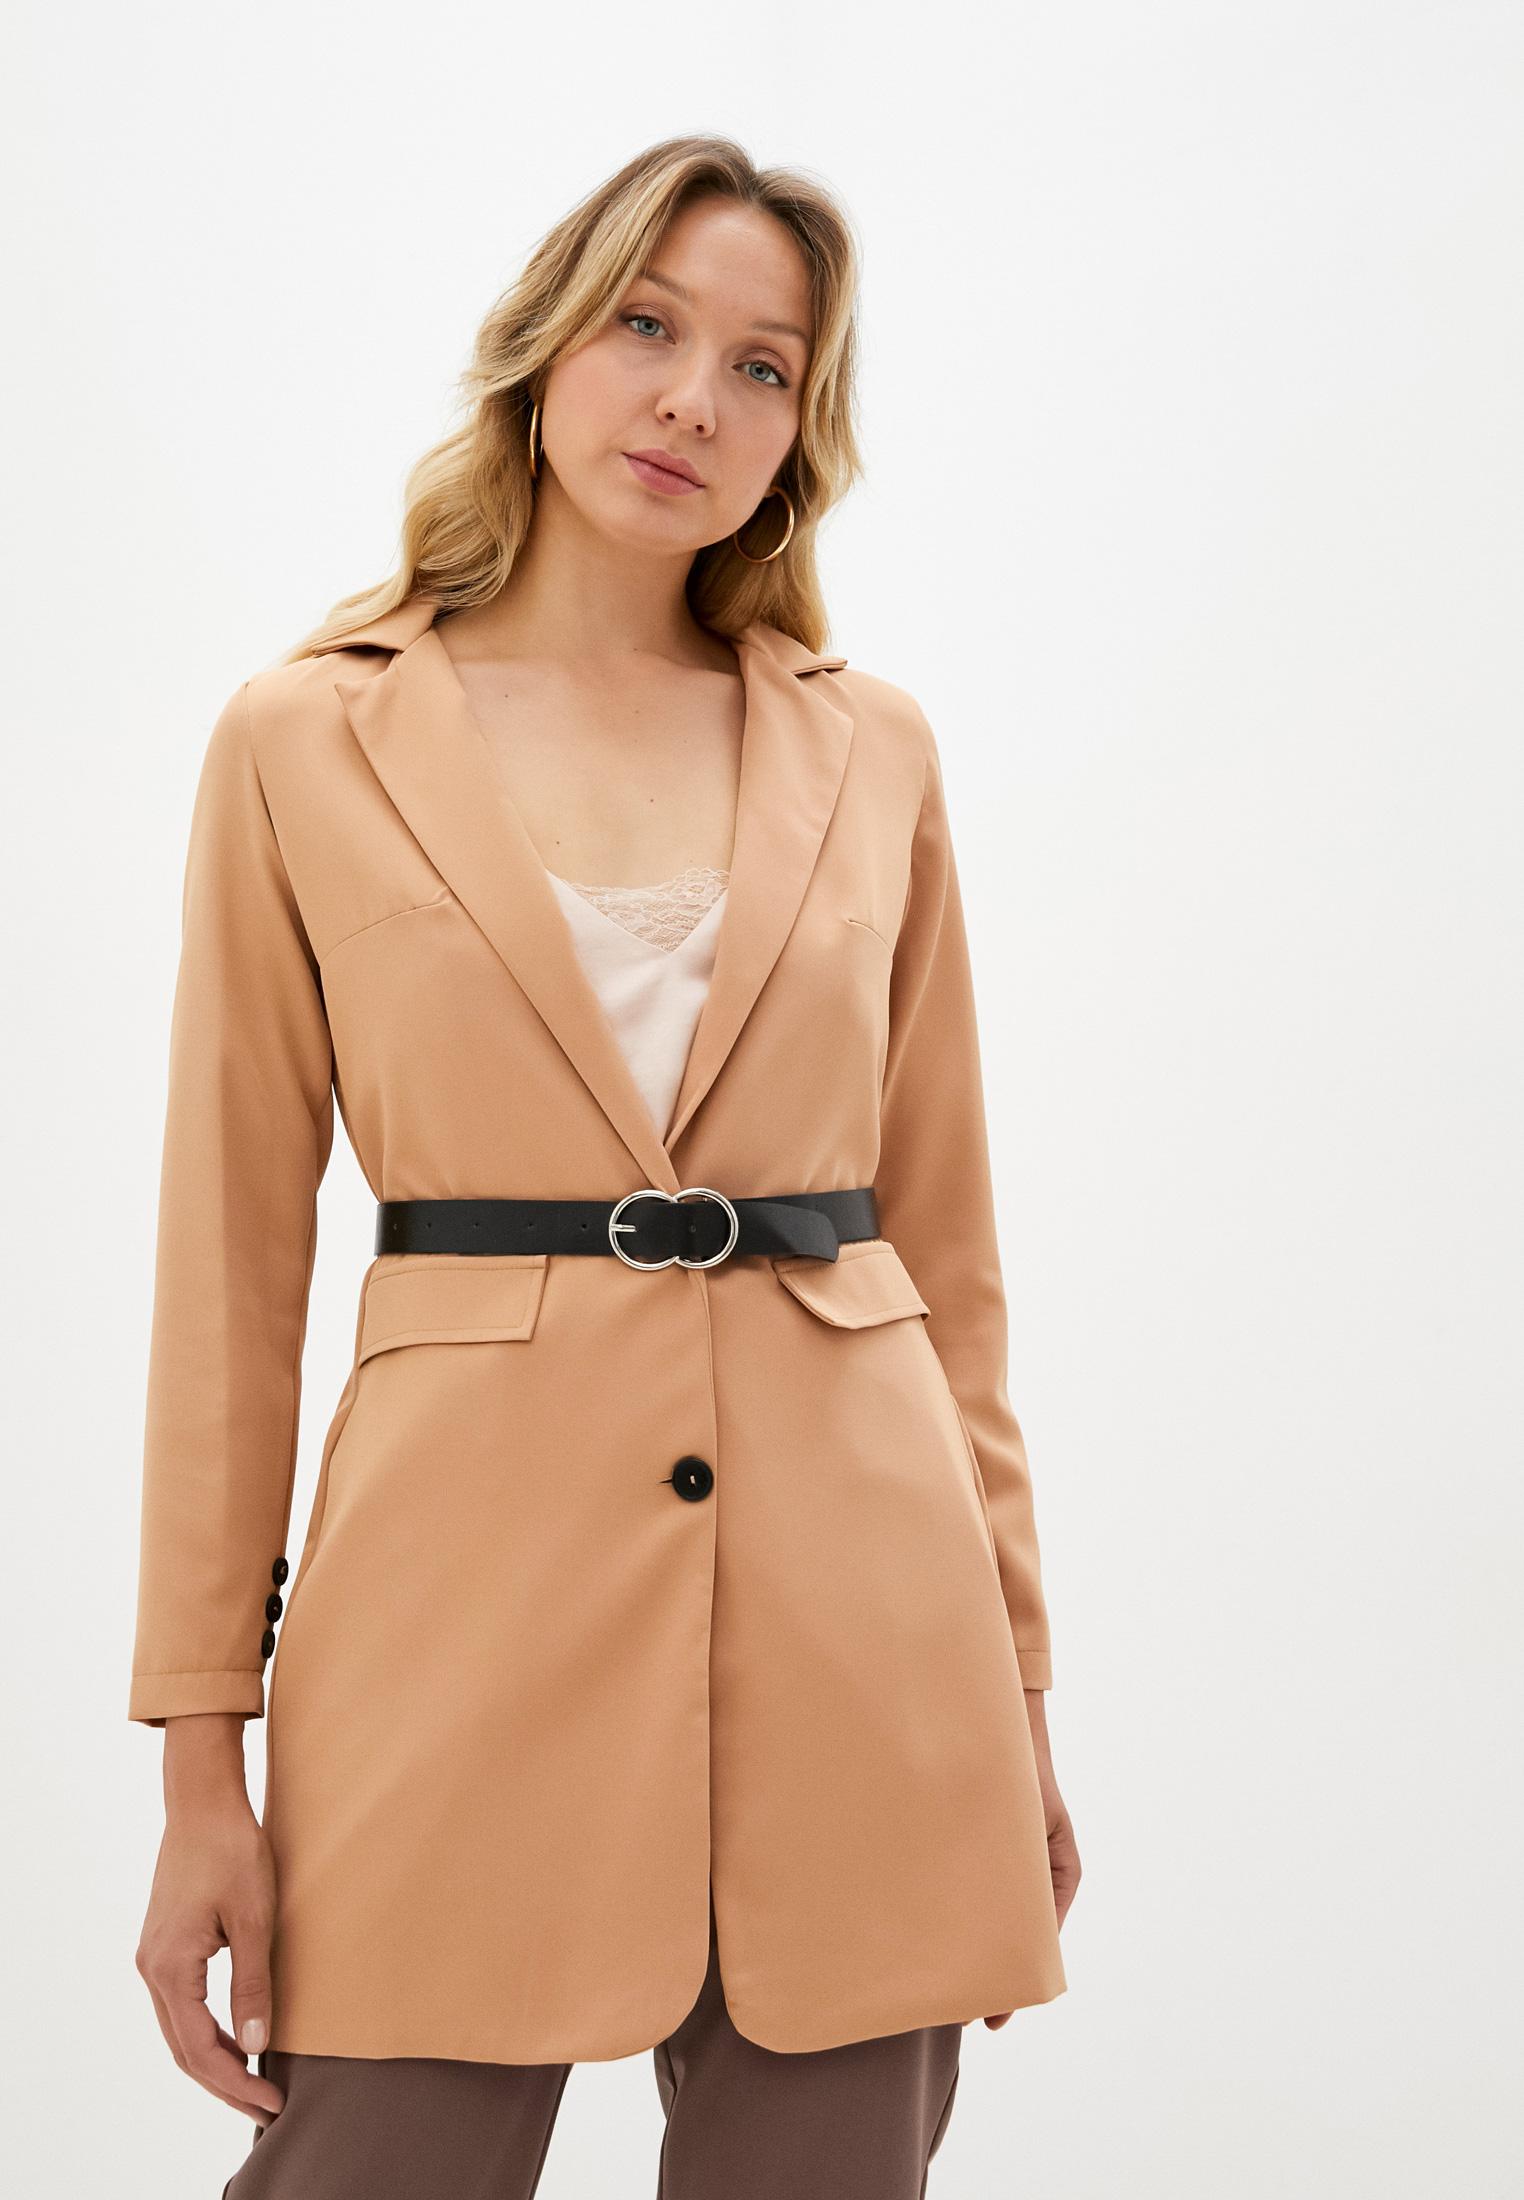 Жакет Pink Orange PO21-0313-2304-4